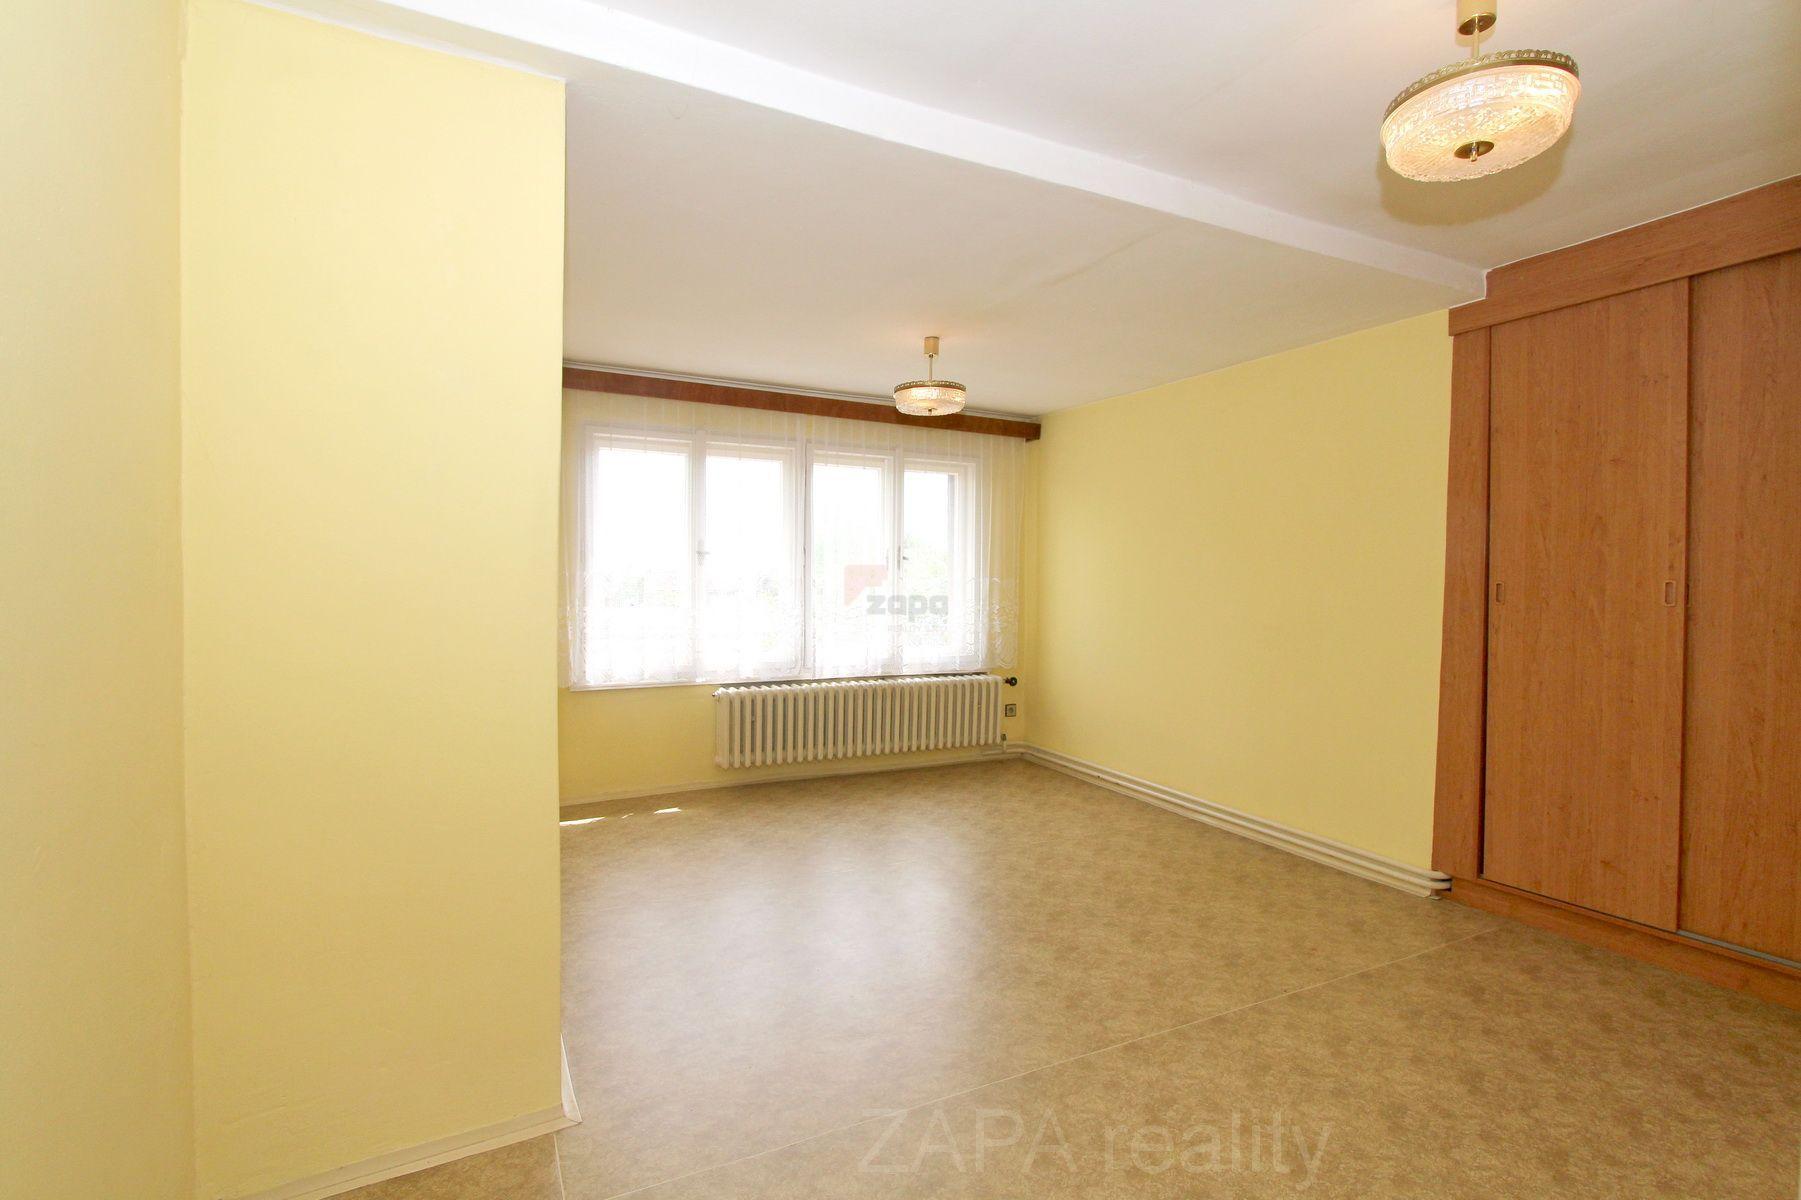 Pronájem bytu 1+kk 30m2 Praha 10 Na Třebešíně nezařízeno